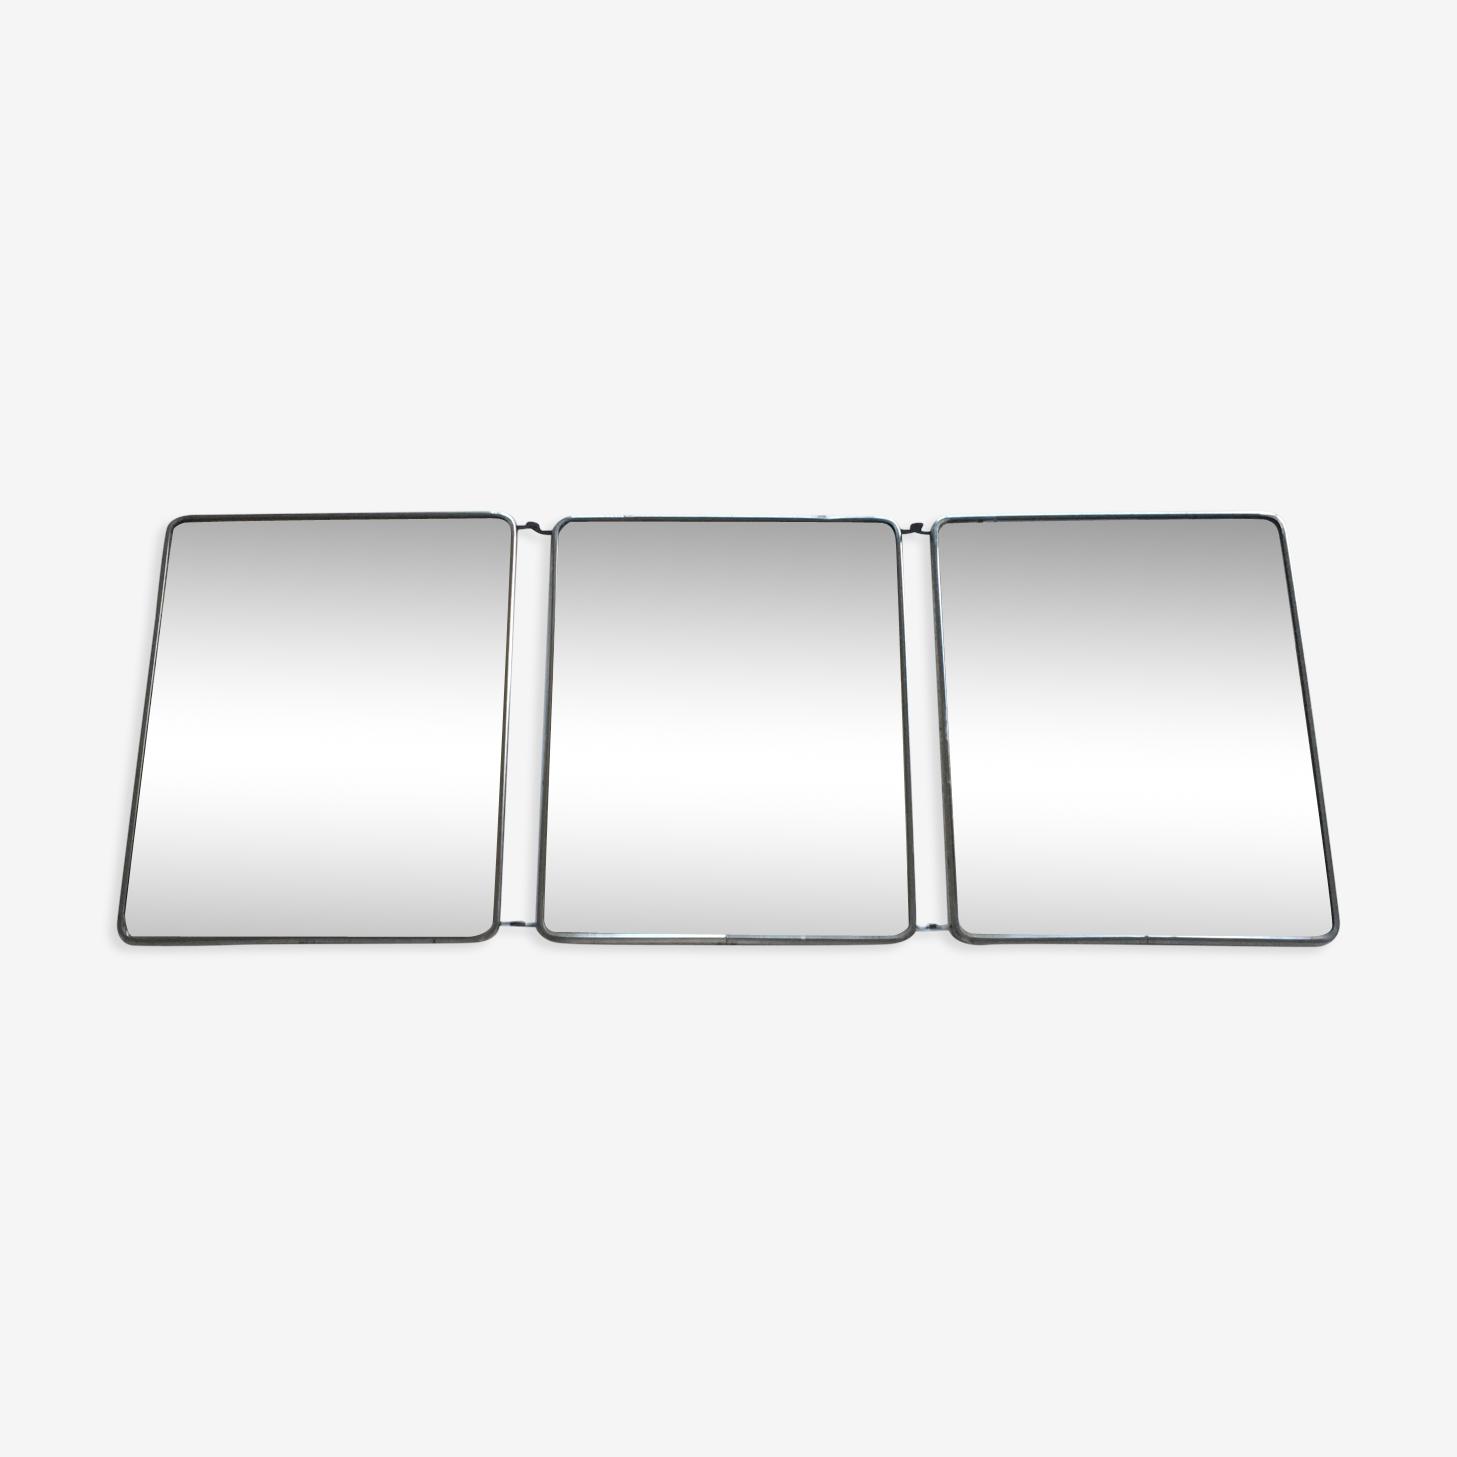 Miroir triptyque de barbier 30x79cm